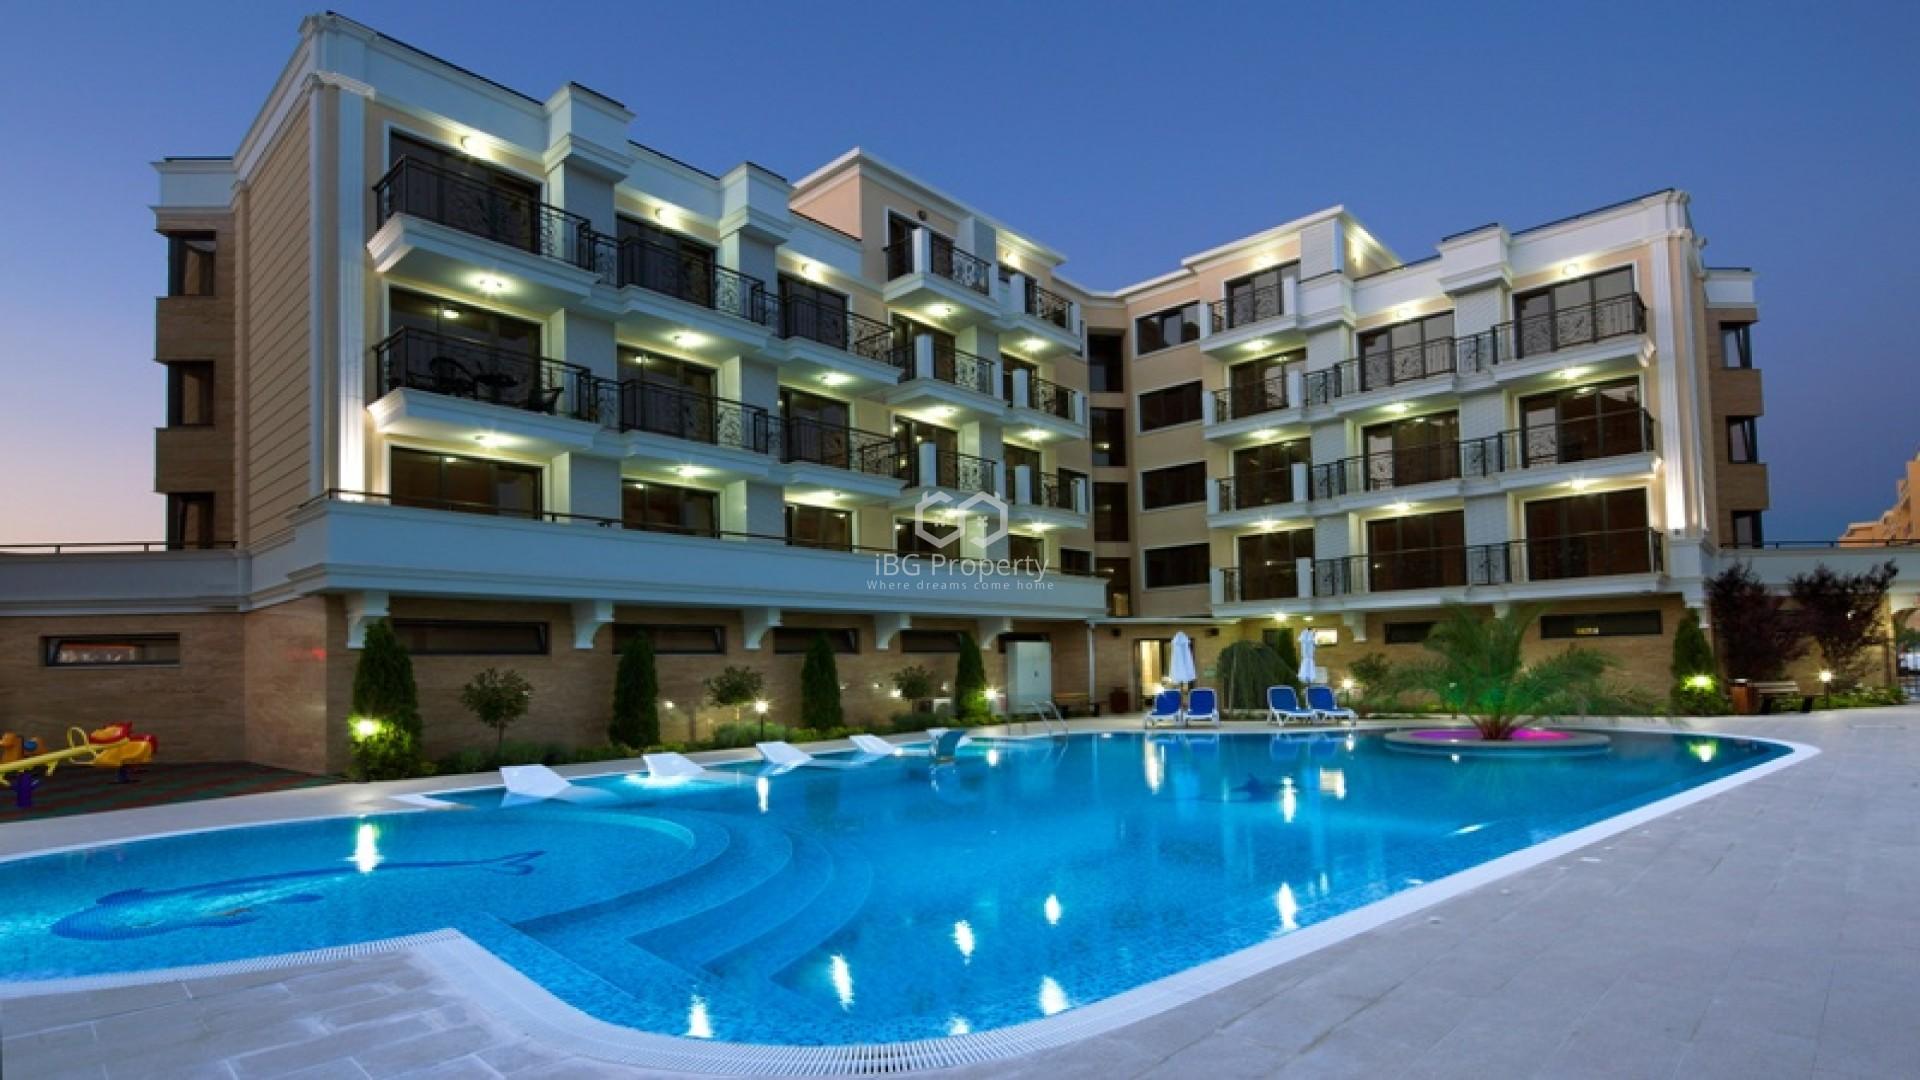 Двустаен апартамент Слънчев Бряг 51 m2